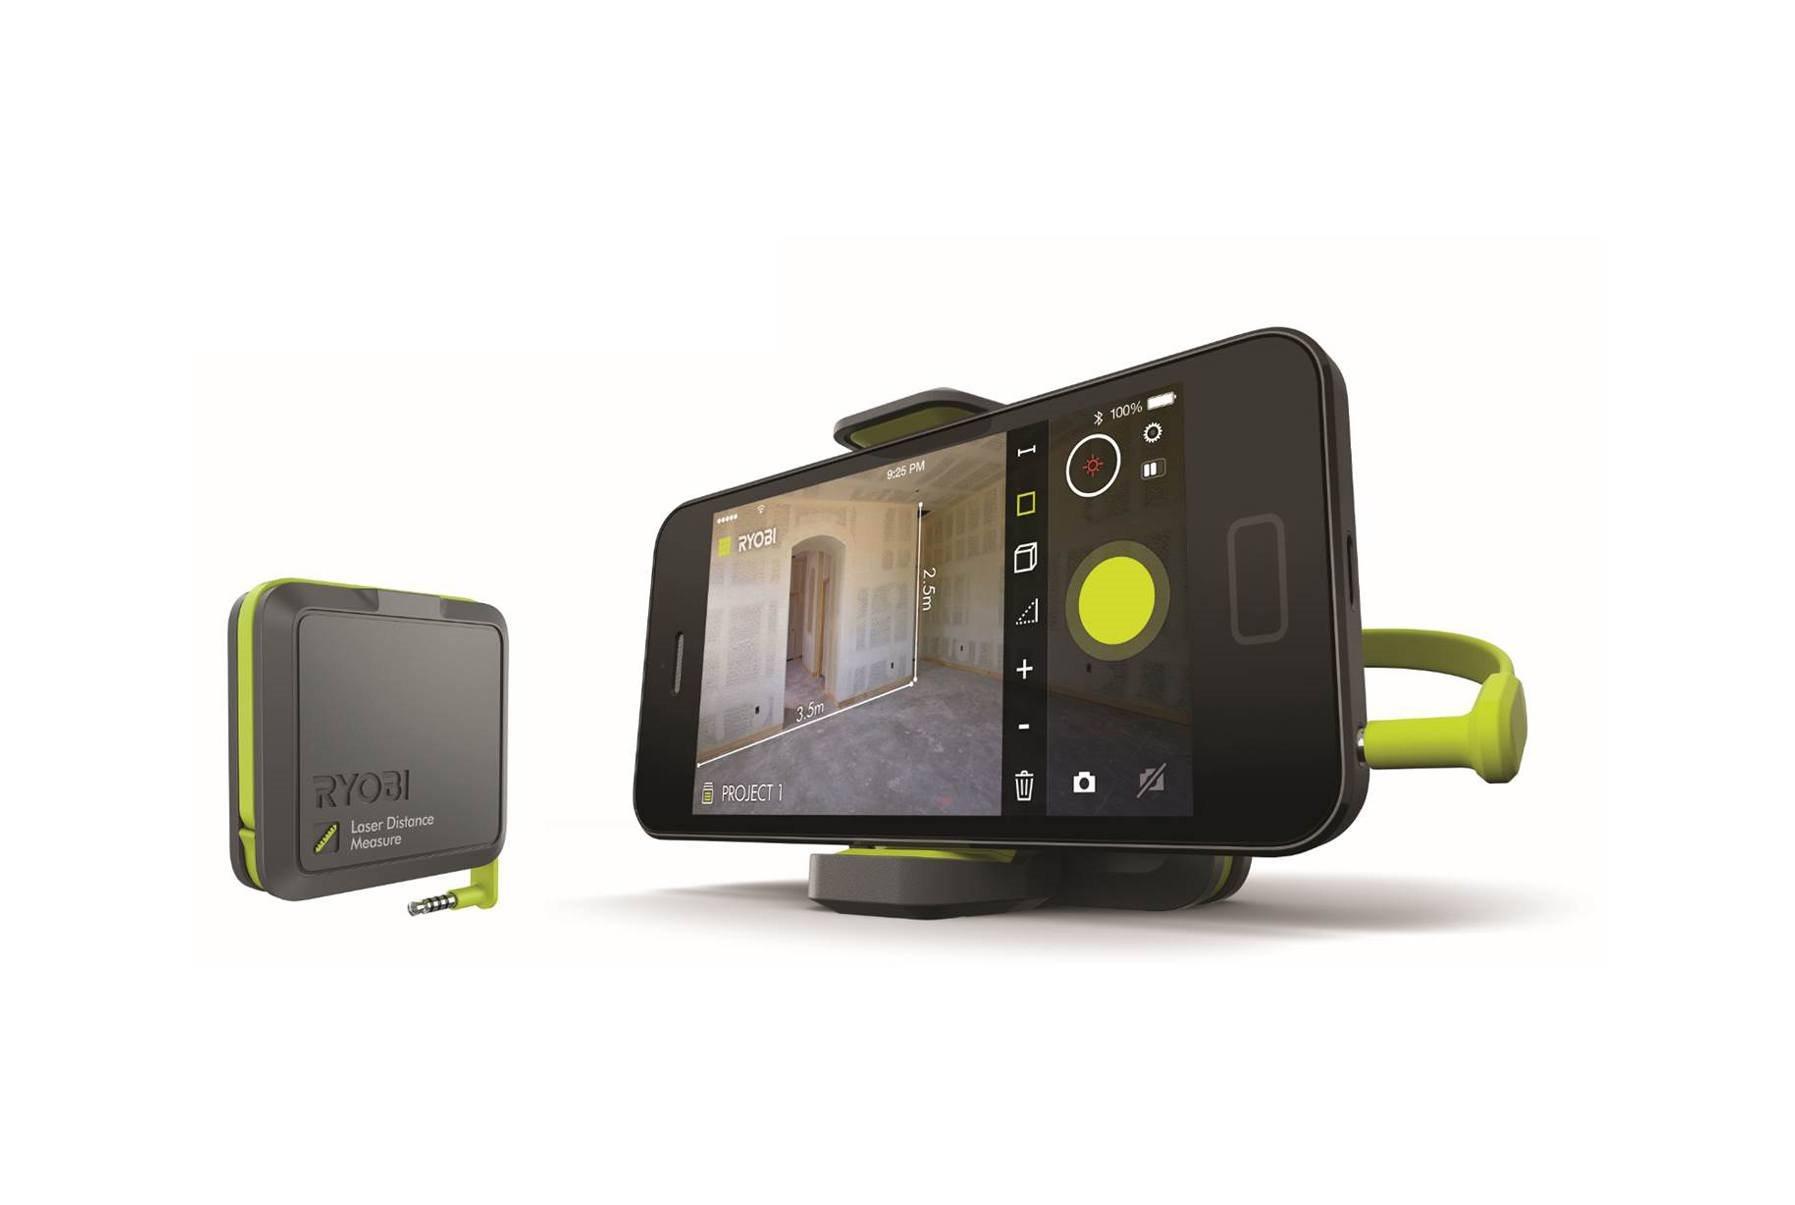 Ryobi phone works entfernungen schnell und einfach messen